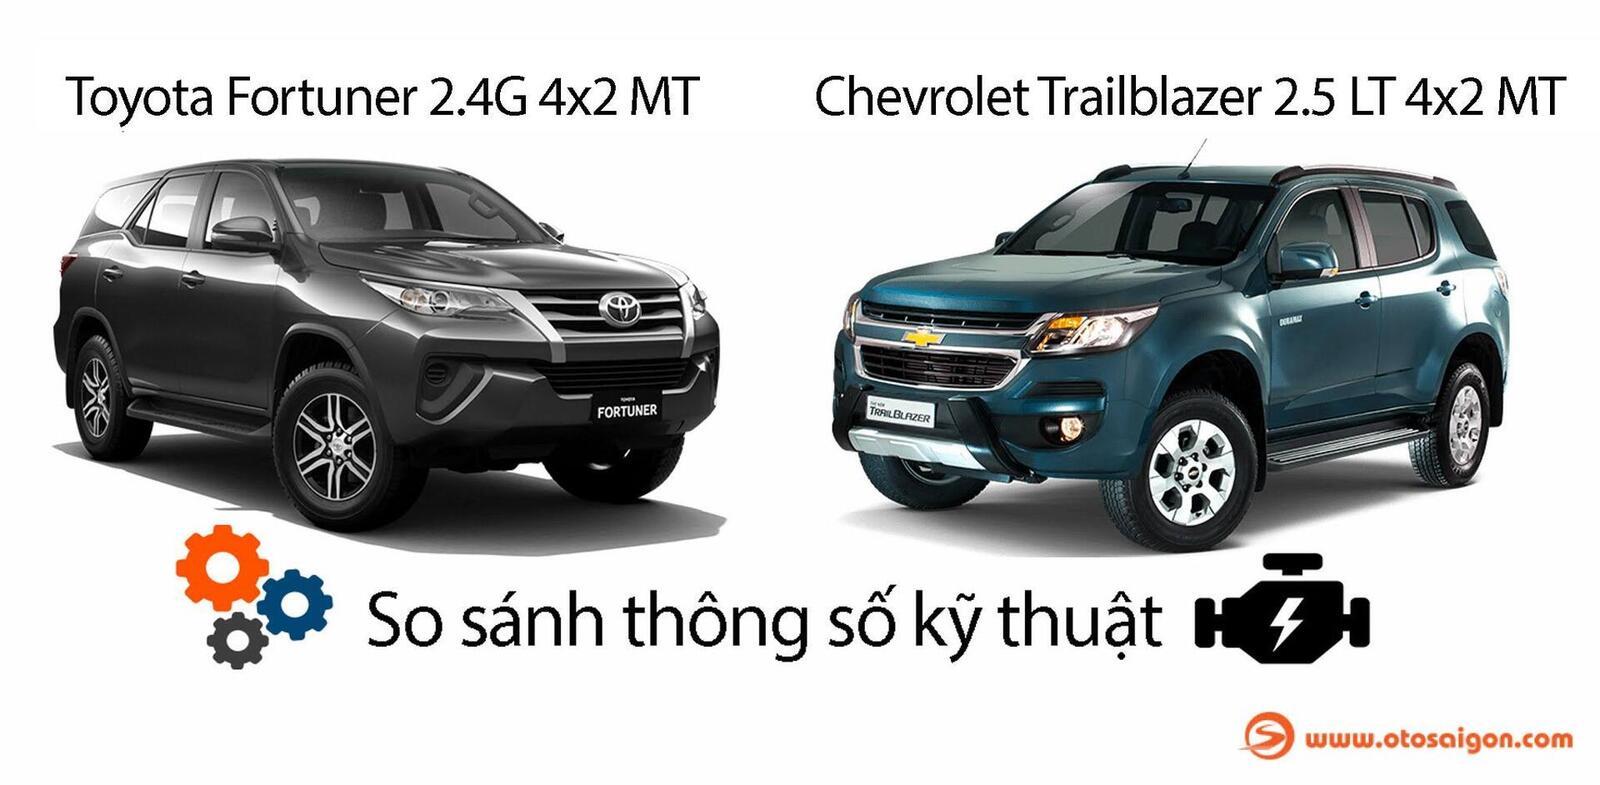 So sánh thông số: Toyota Fortuner và Chevrolet Trailblazer phiên bản thấp nhất - Hình 1